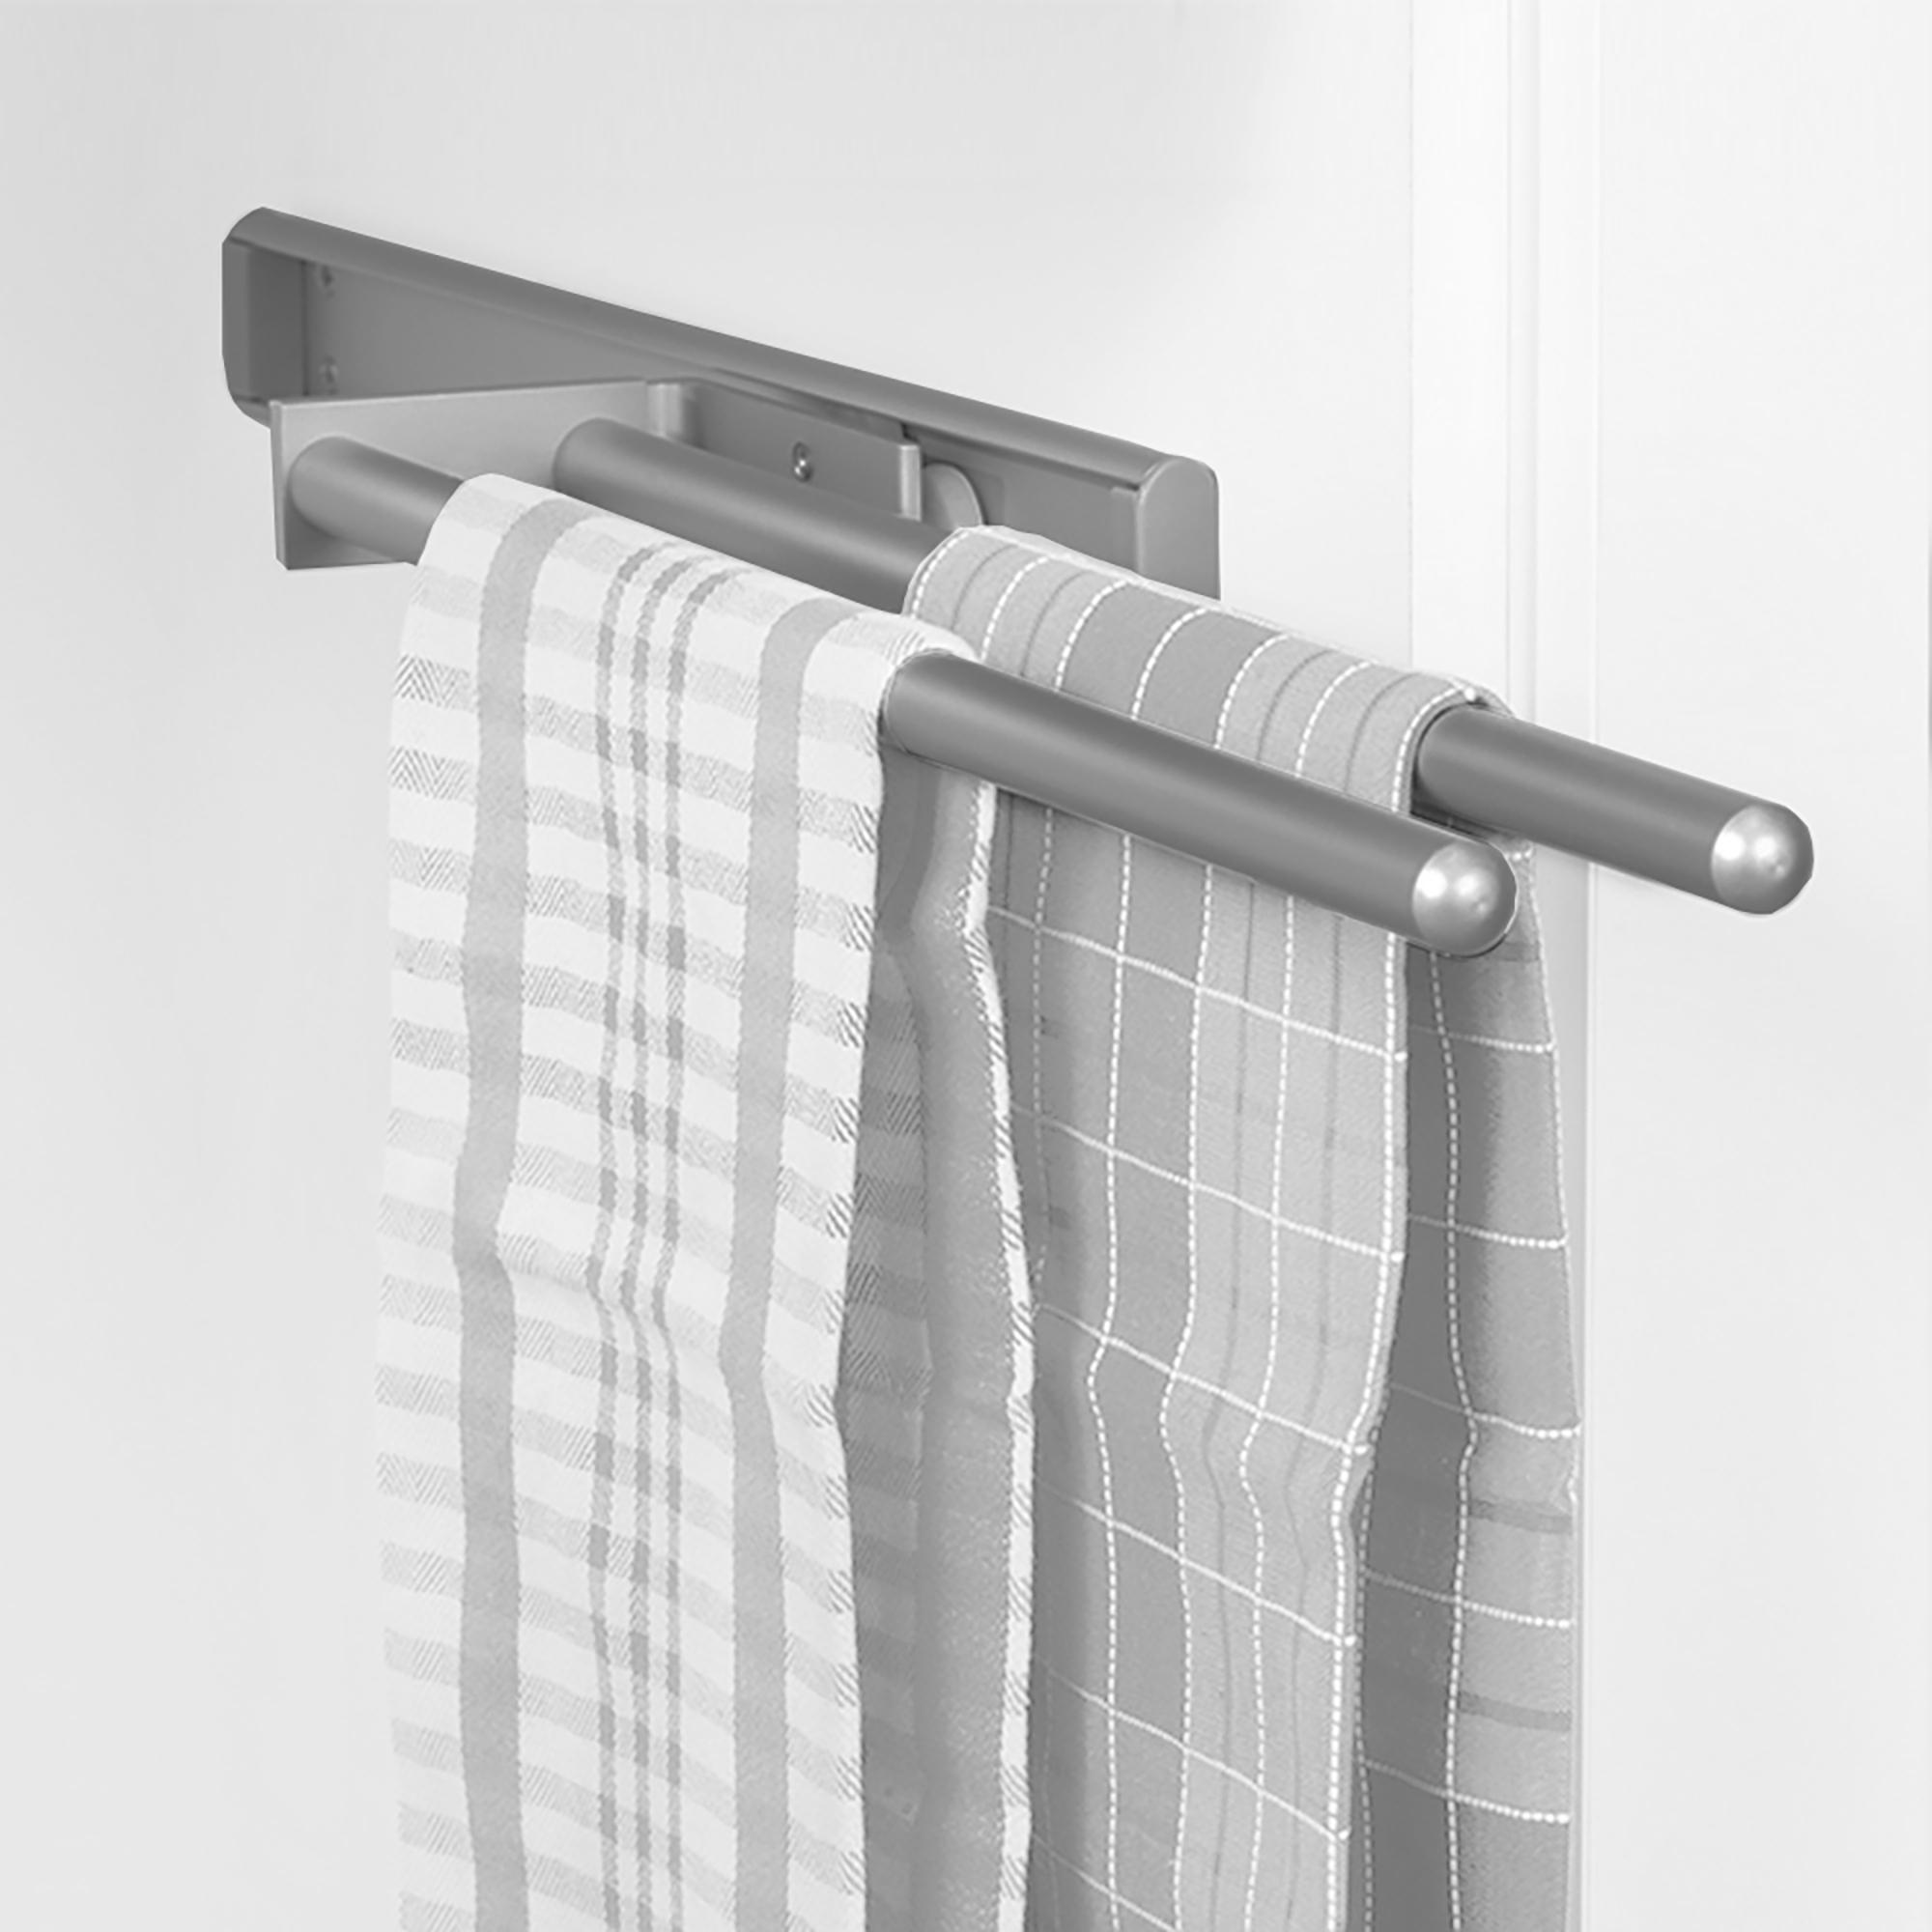 Emuca Porta asciugamani estraibile, 2 bracci, 440 mm, Alluminio, Anodizzato opaco